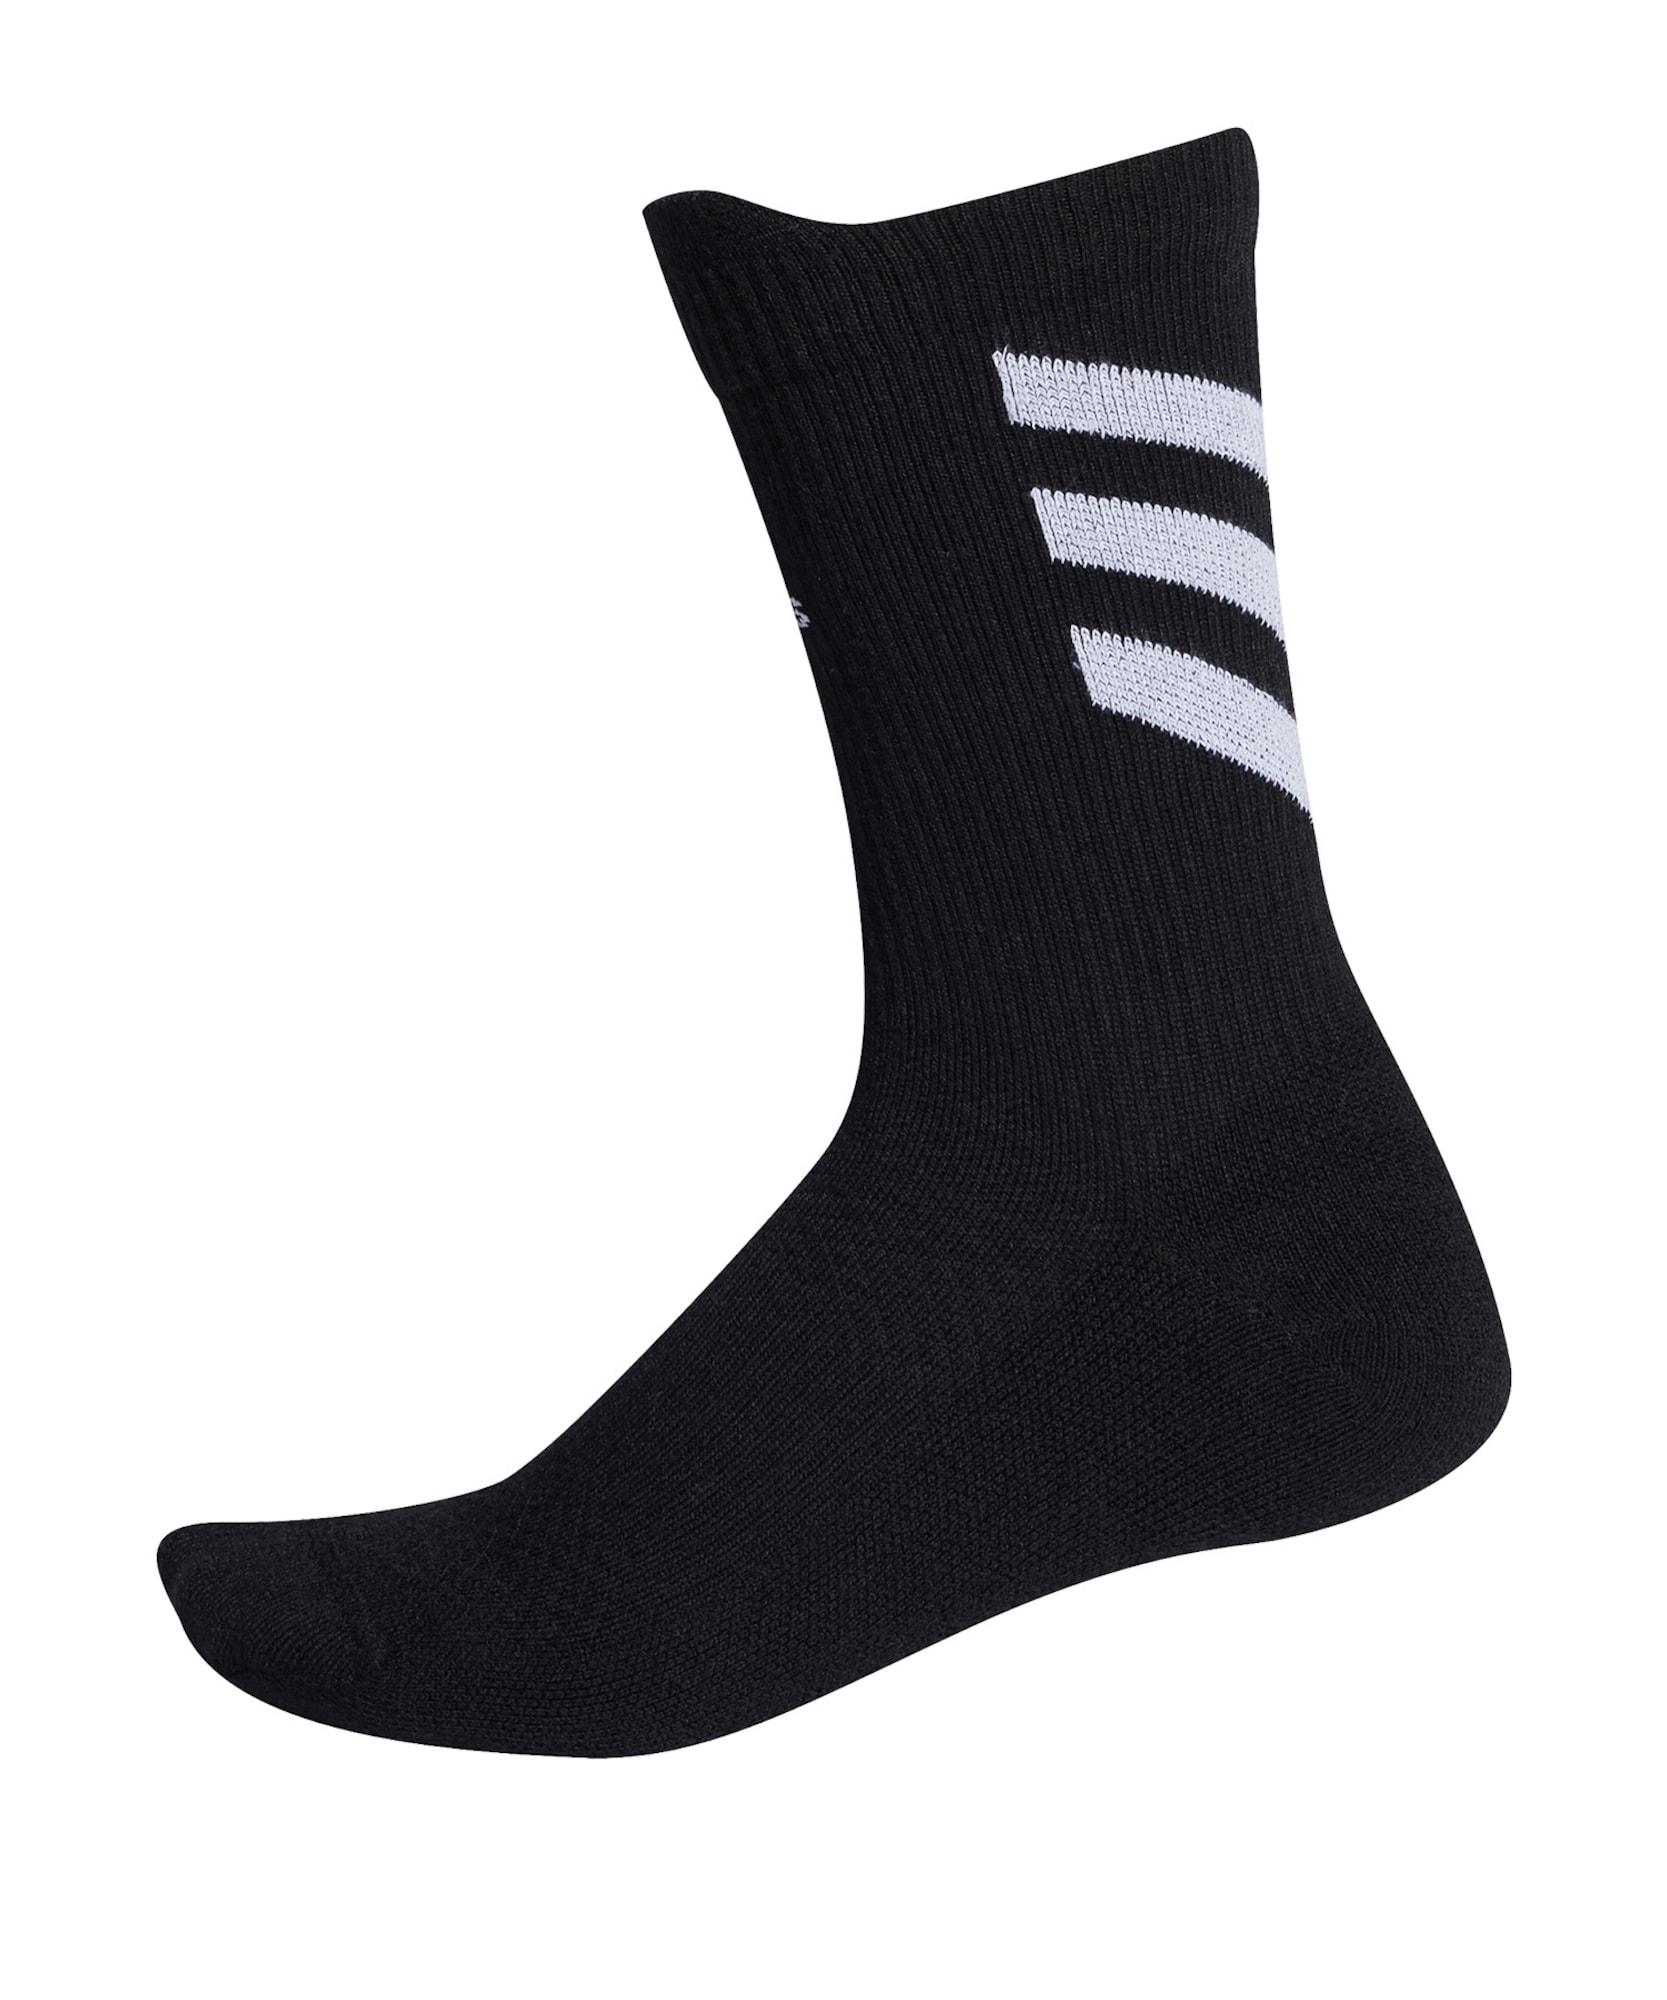 ADIDAS PERFORMANCE Sportinės kojinės juoda / šviesiai pilka